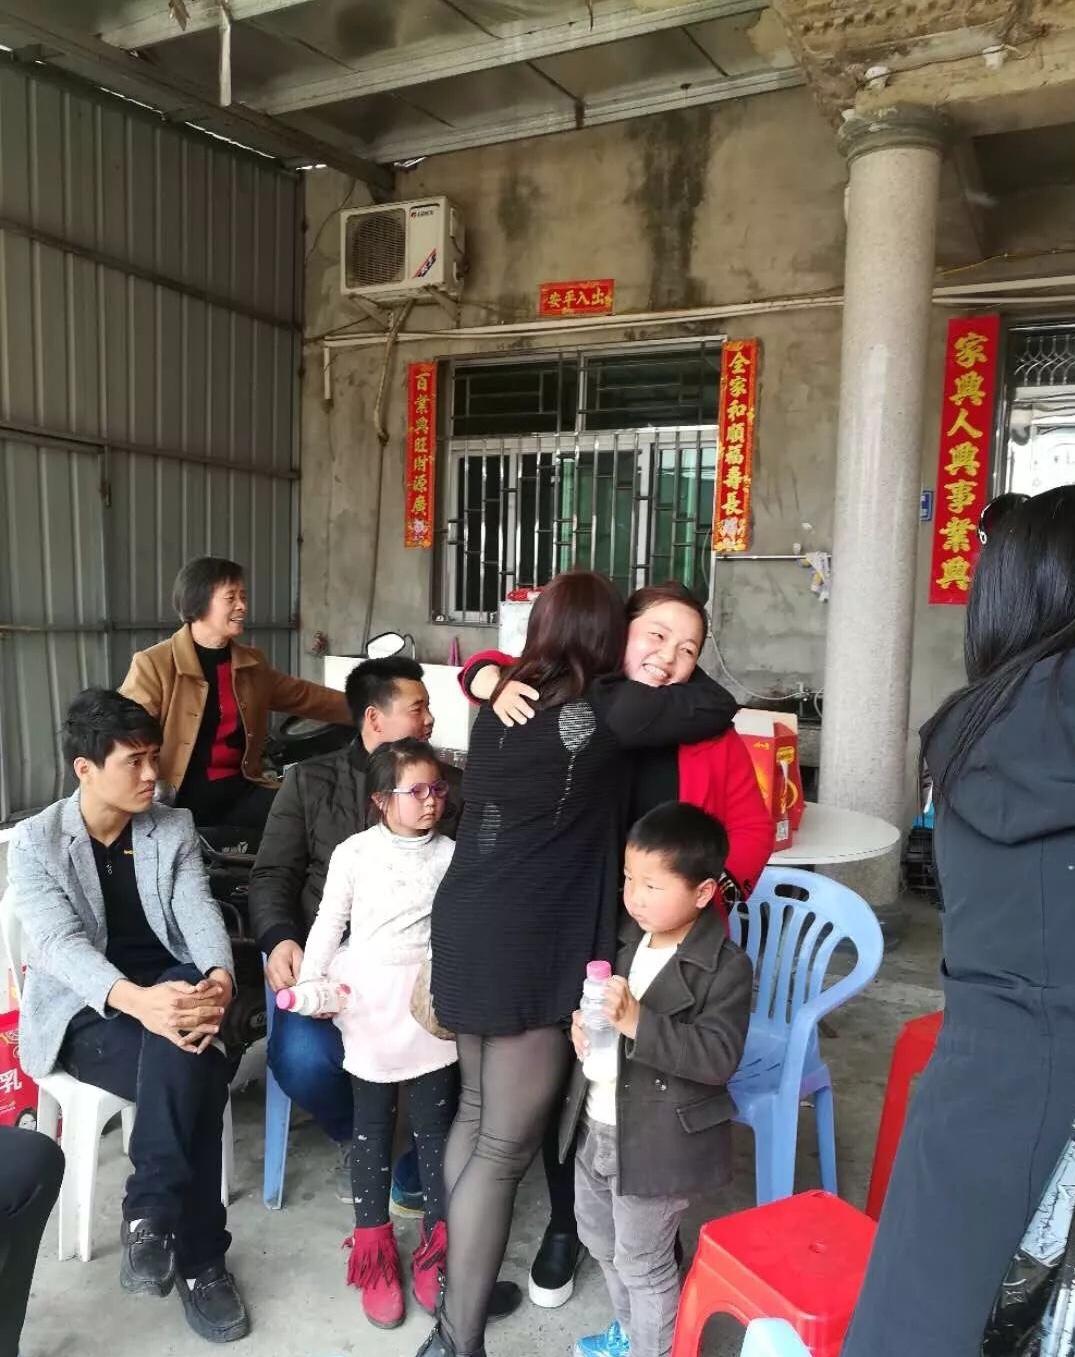 謝梅琴( 圖中紅衣者)與母親劉白玉相擁。(尋親幫幫團提供)